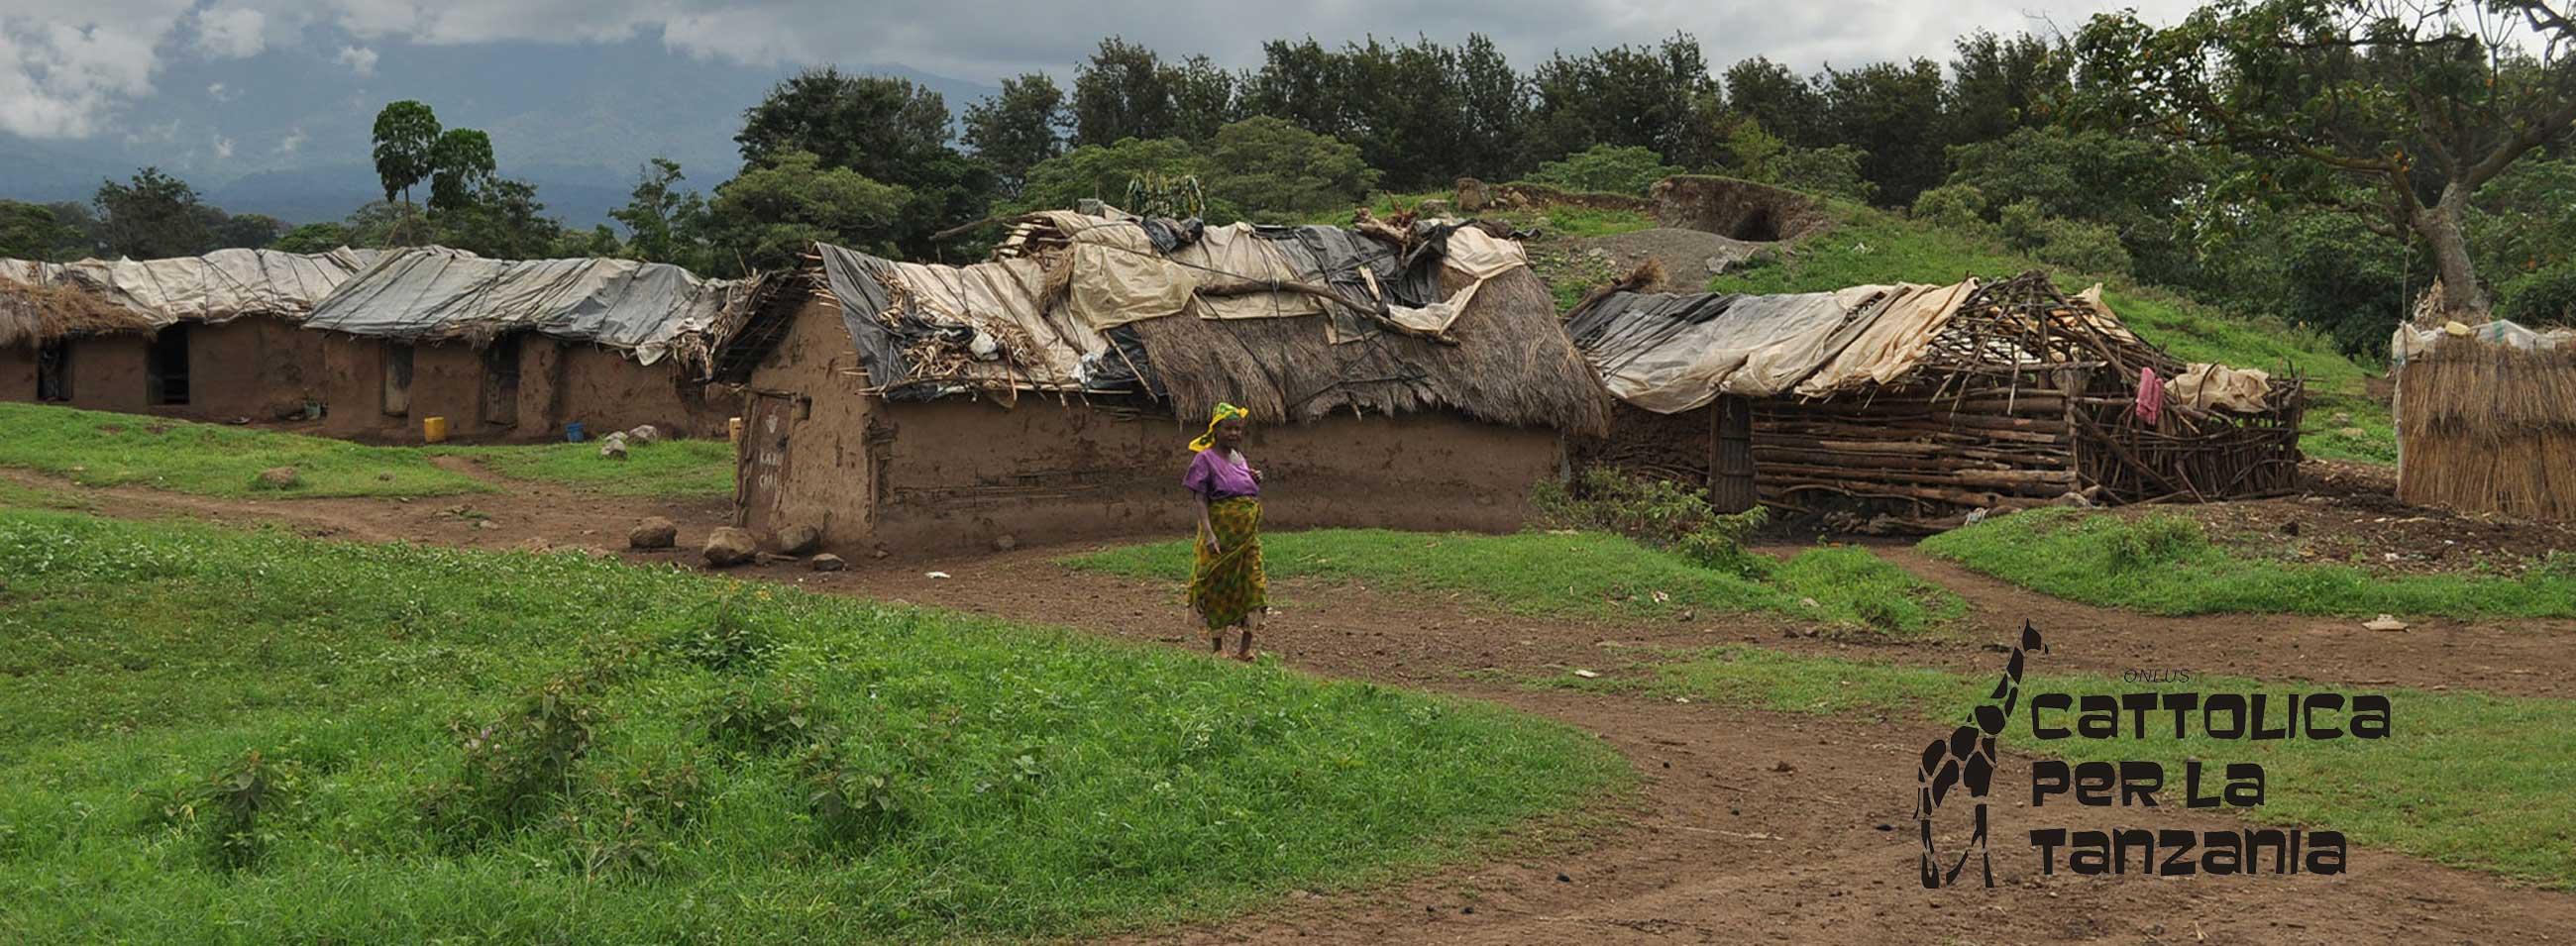 Aiutati da Cattolica per la Tanzania